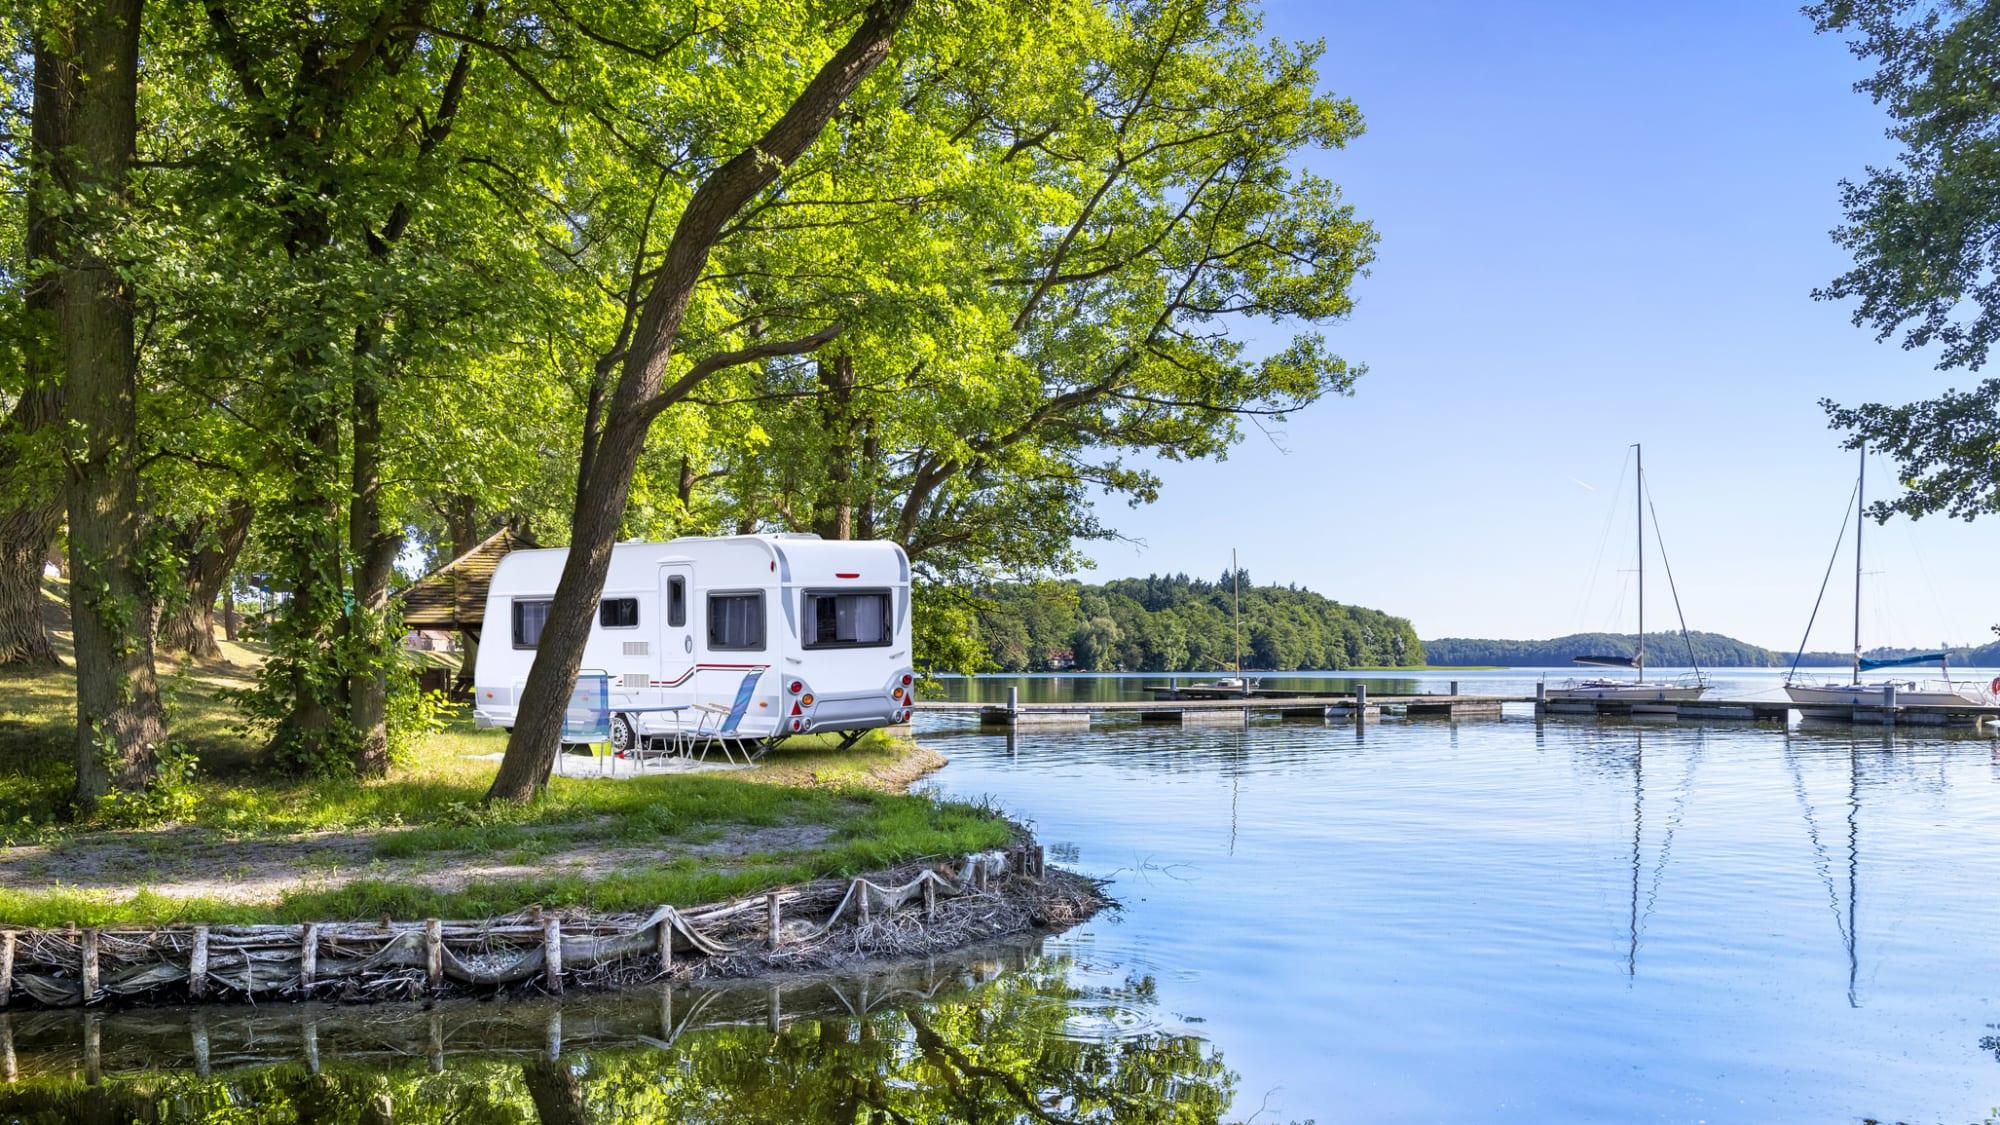 Wohnwagen an einem Stellplatz am See in Mecklenburg-Vorpommern: In Deutschland wird bald wieder Camping in Coronazeiten möglich sein